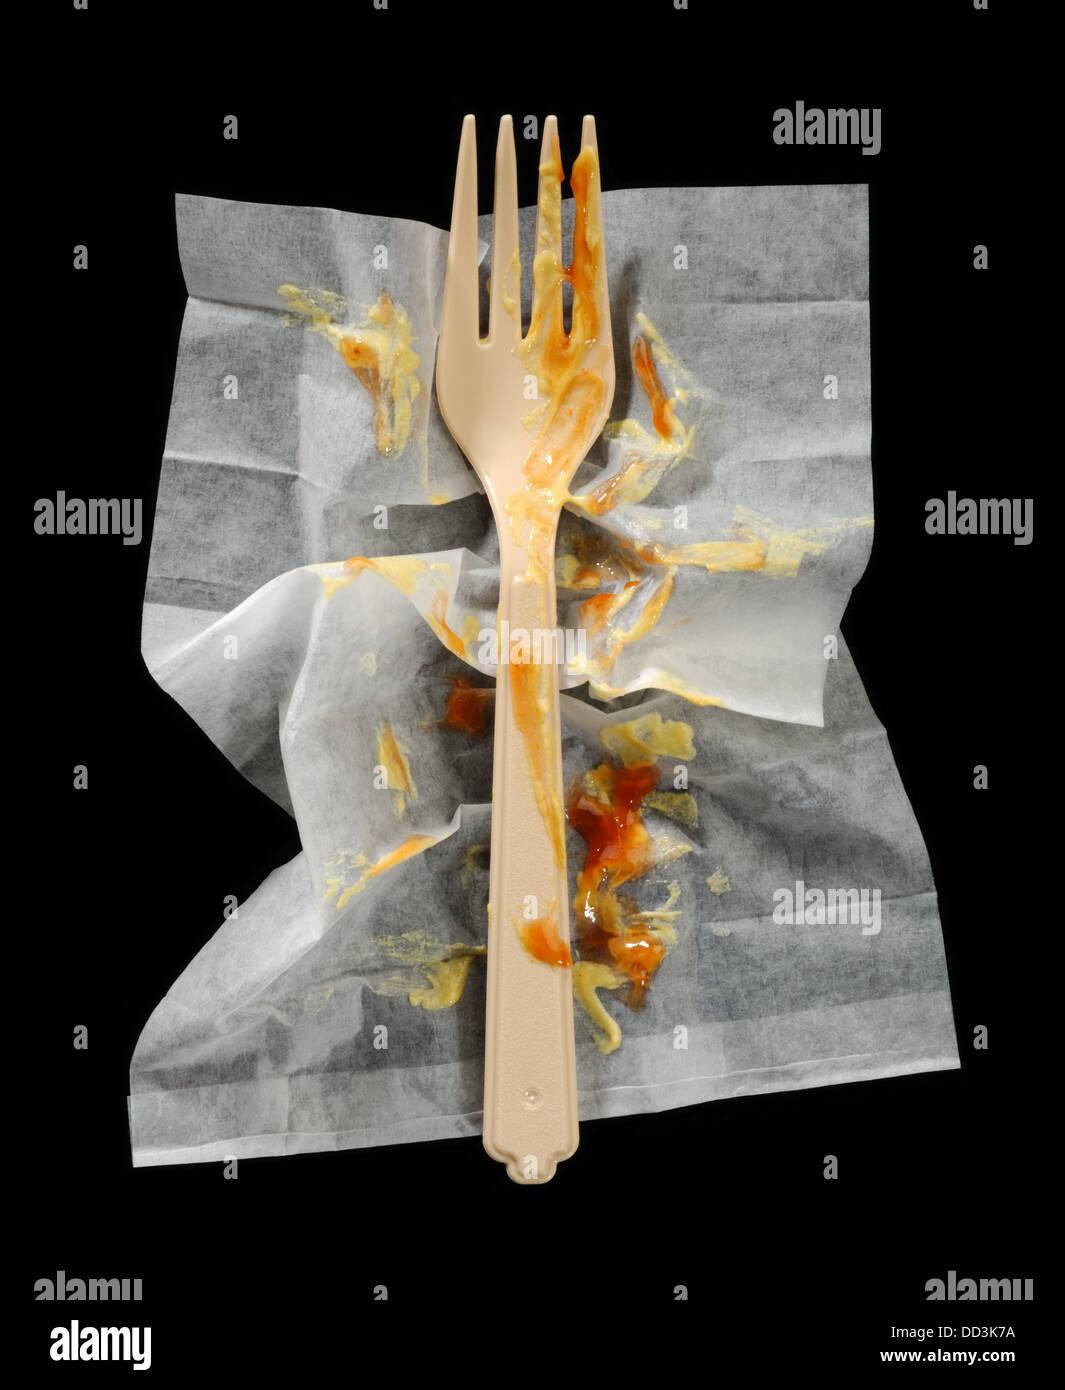 Une fourchette à dîner en plastique sur une serviette de nettoyage froissé. Photo Stock